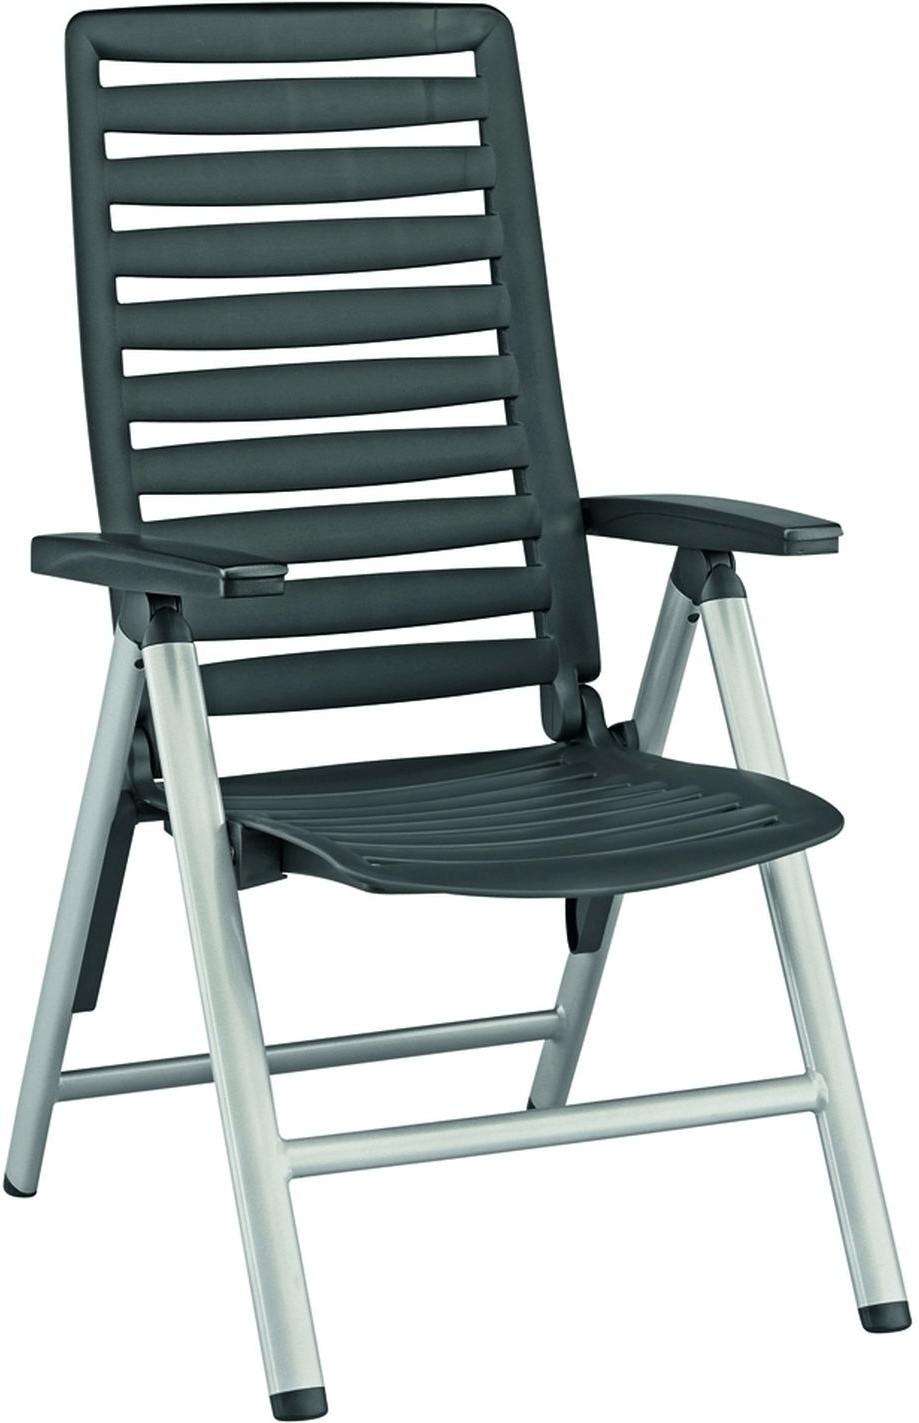 Rabatt-Preisvergleich.de - Gartenwelt > Gartenmöbel > Stühle ...